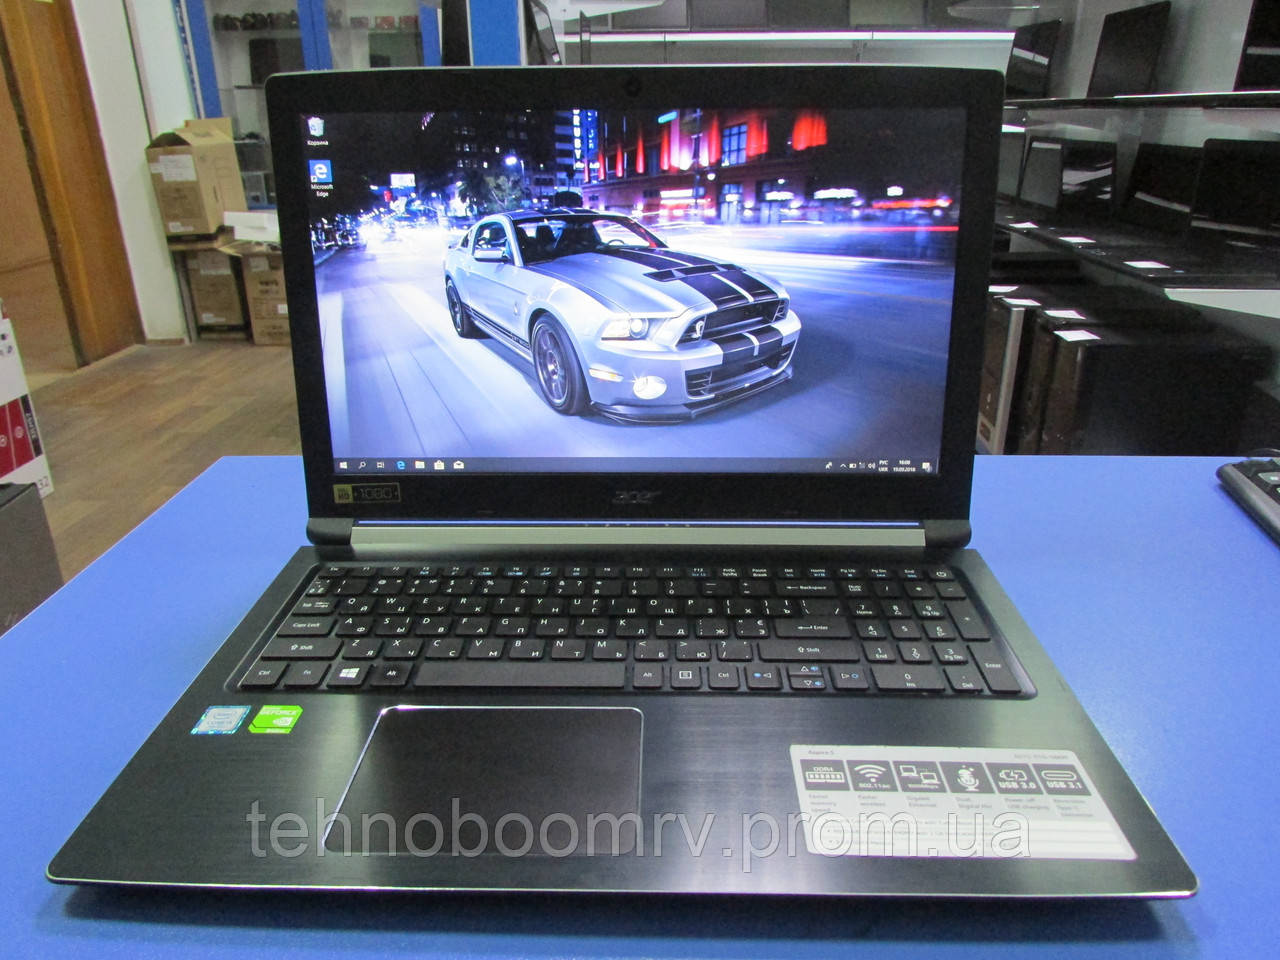 Ноутбук Acer Full-HD - Intel i5-7200U 3.1GHz/DDR4 8GB/SSD 256GB